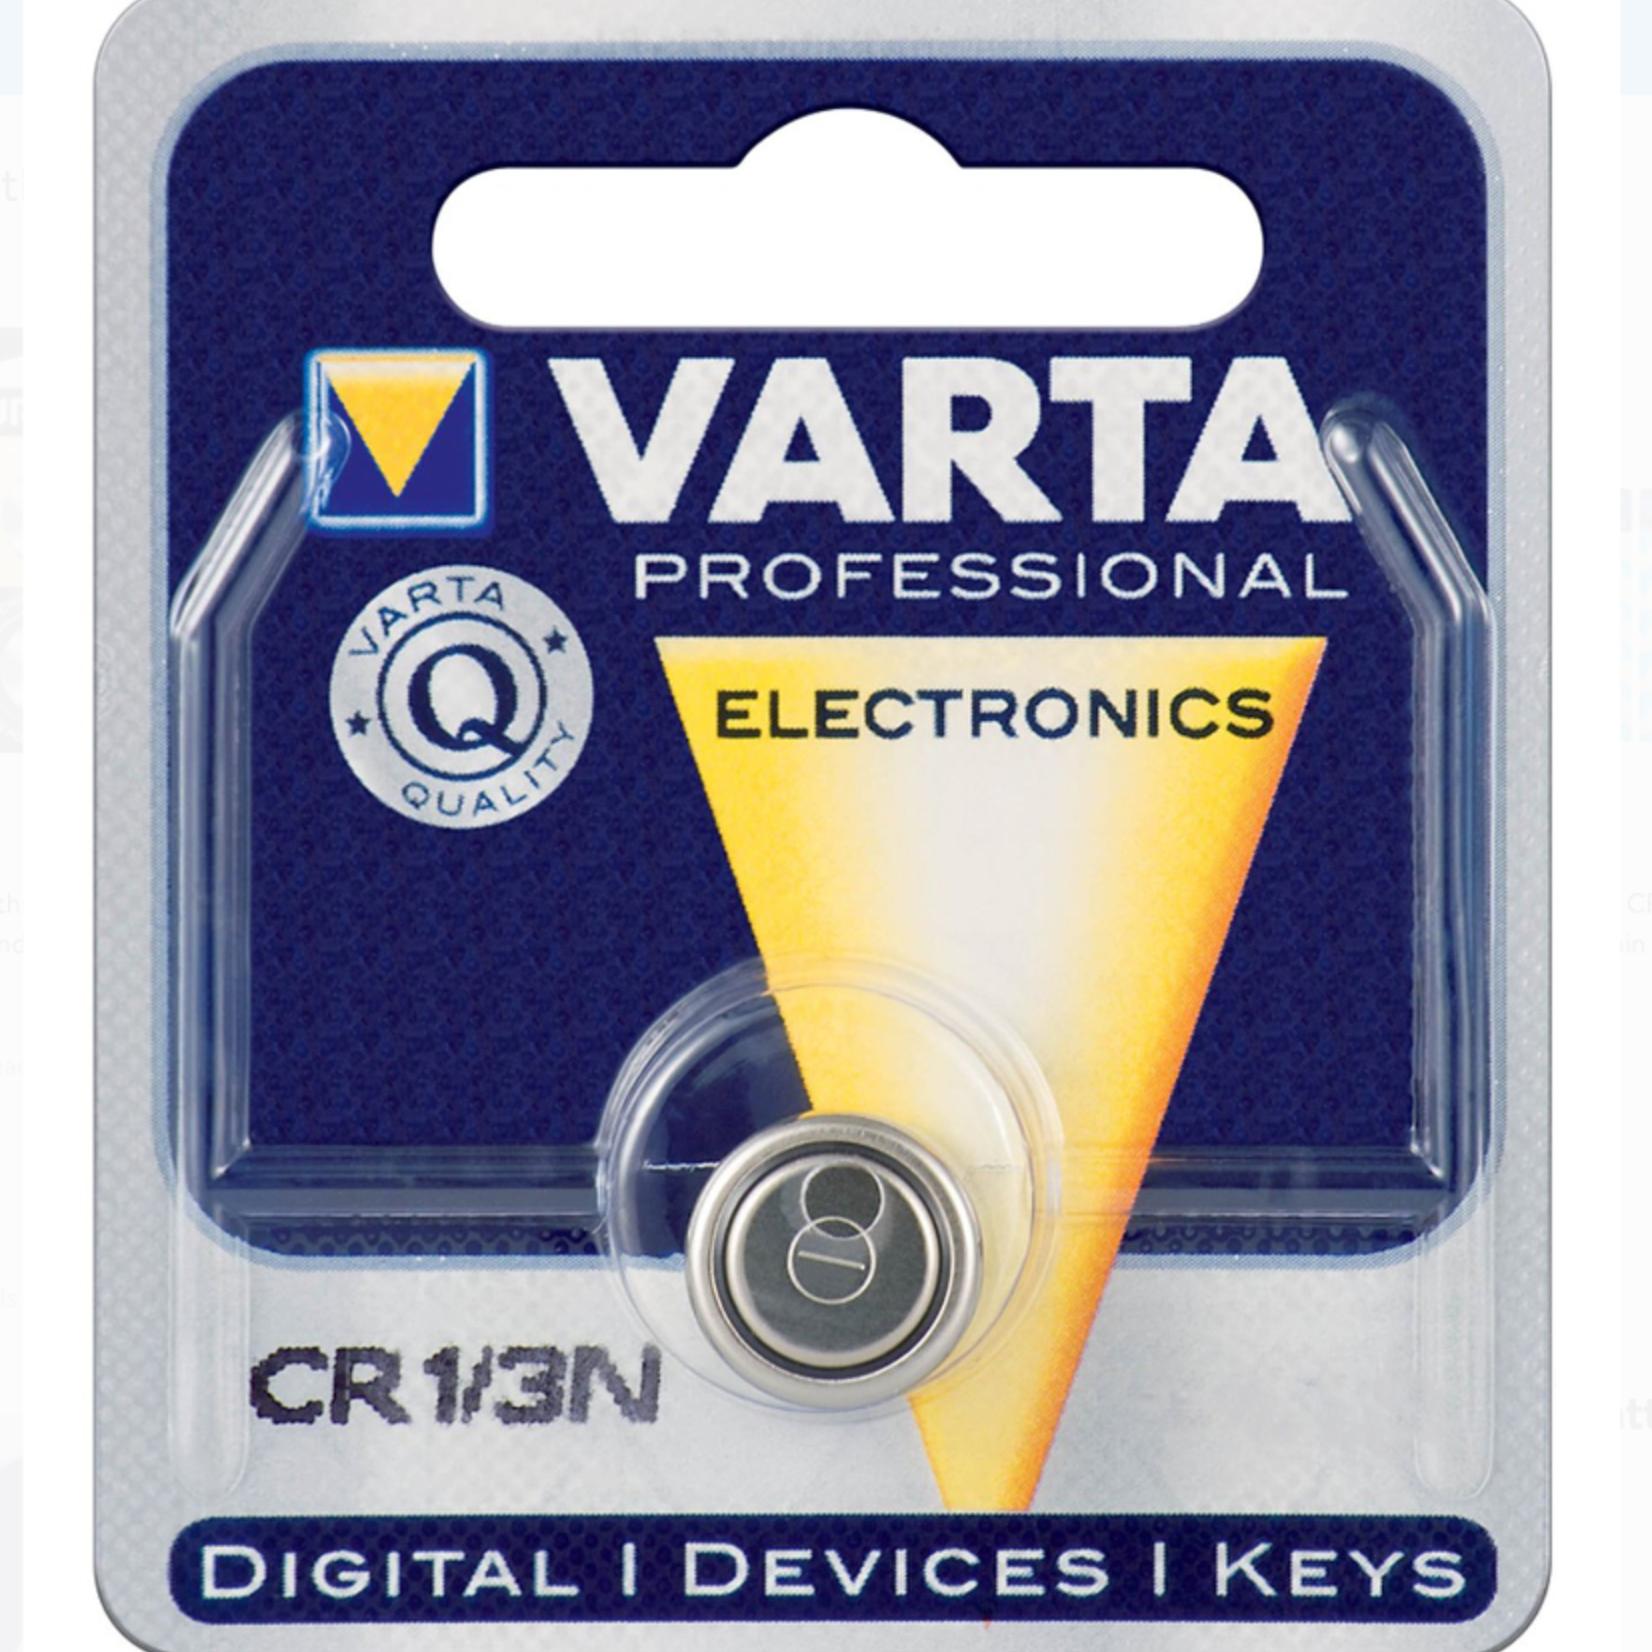 Varta Varta CR 1/3N Battery